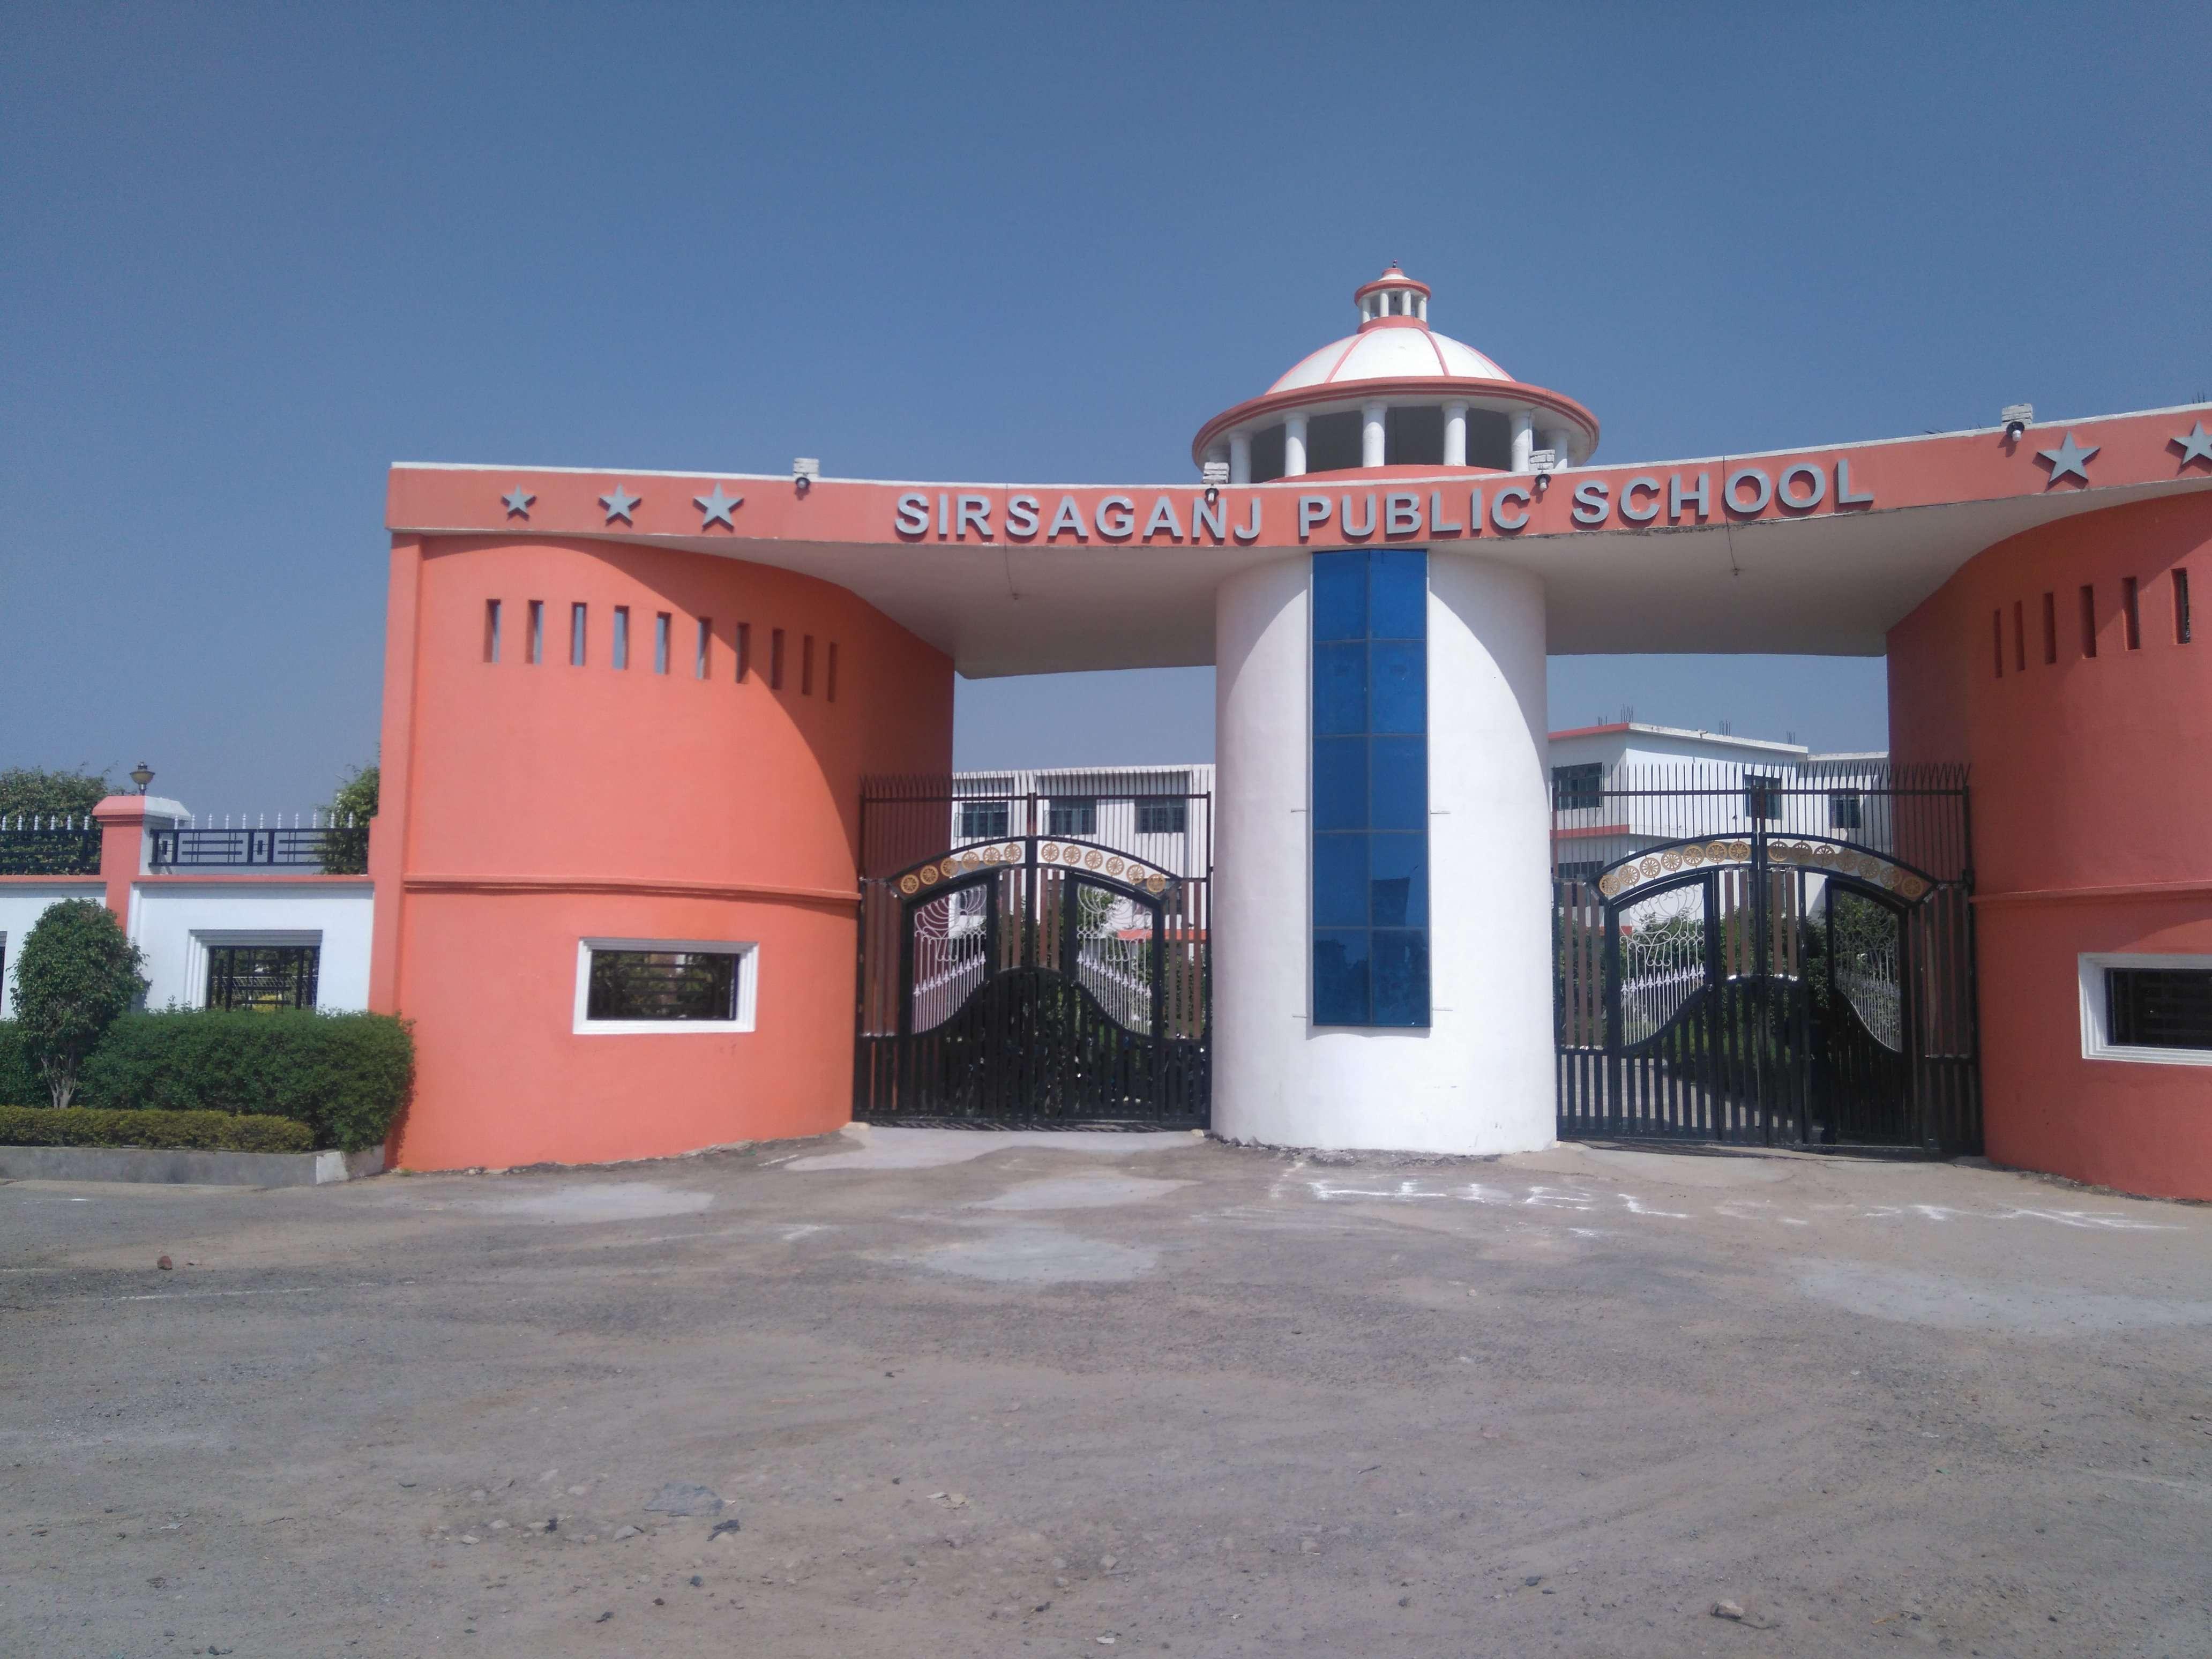 SIRSAGANJ PUBLIC SCHOOL SHRINATHPURAM MALAHAPUR SHAHJANPUR AGRA ROAD SIRSAGANJ 2131506